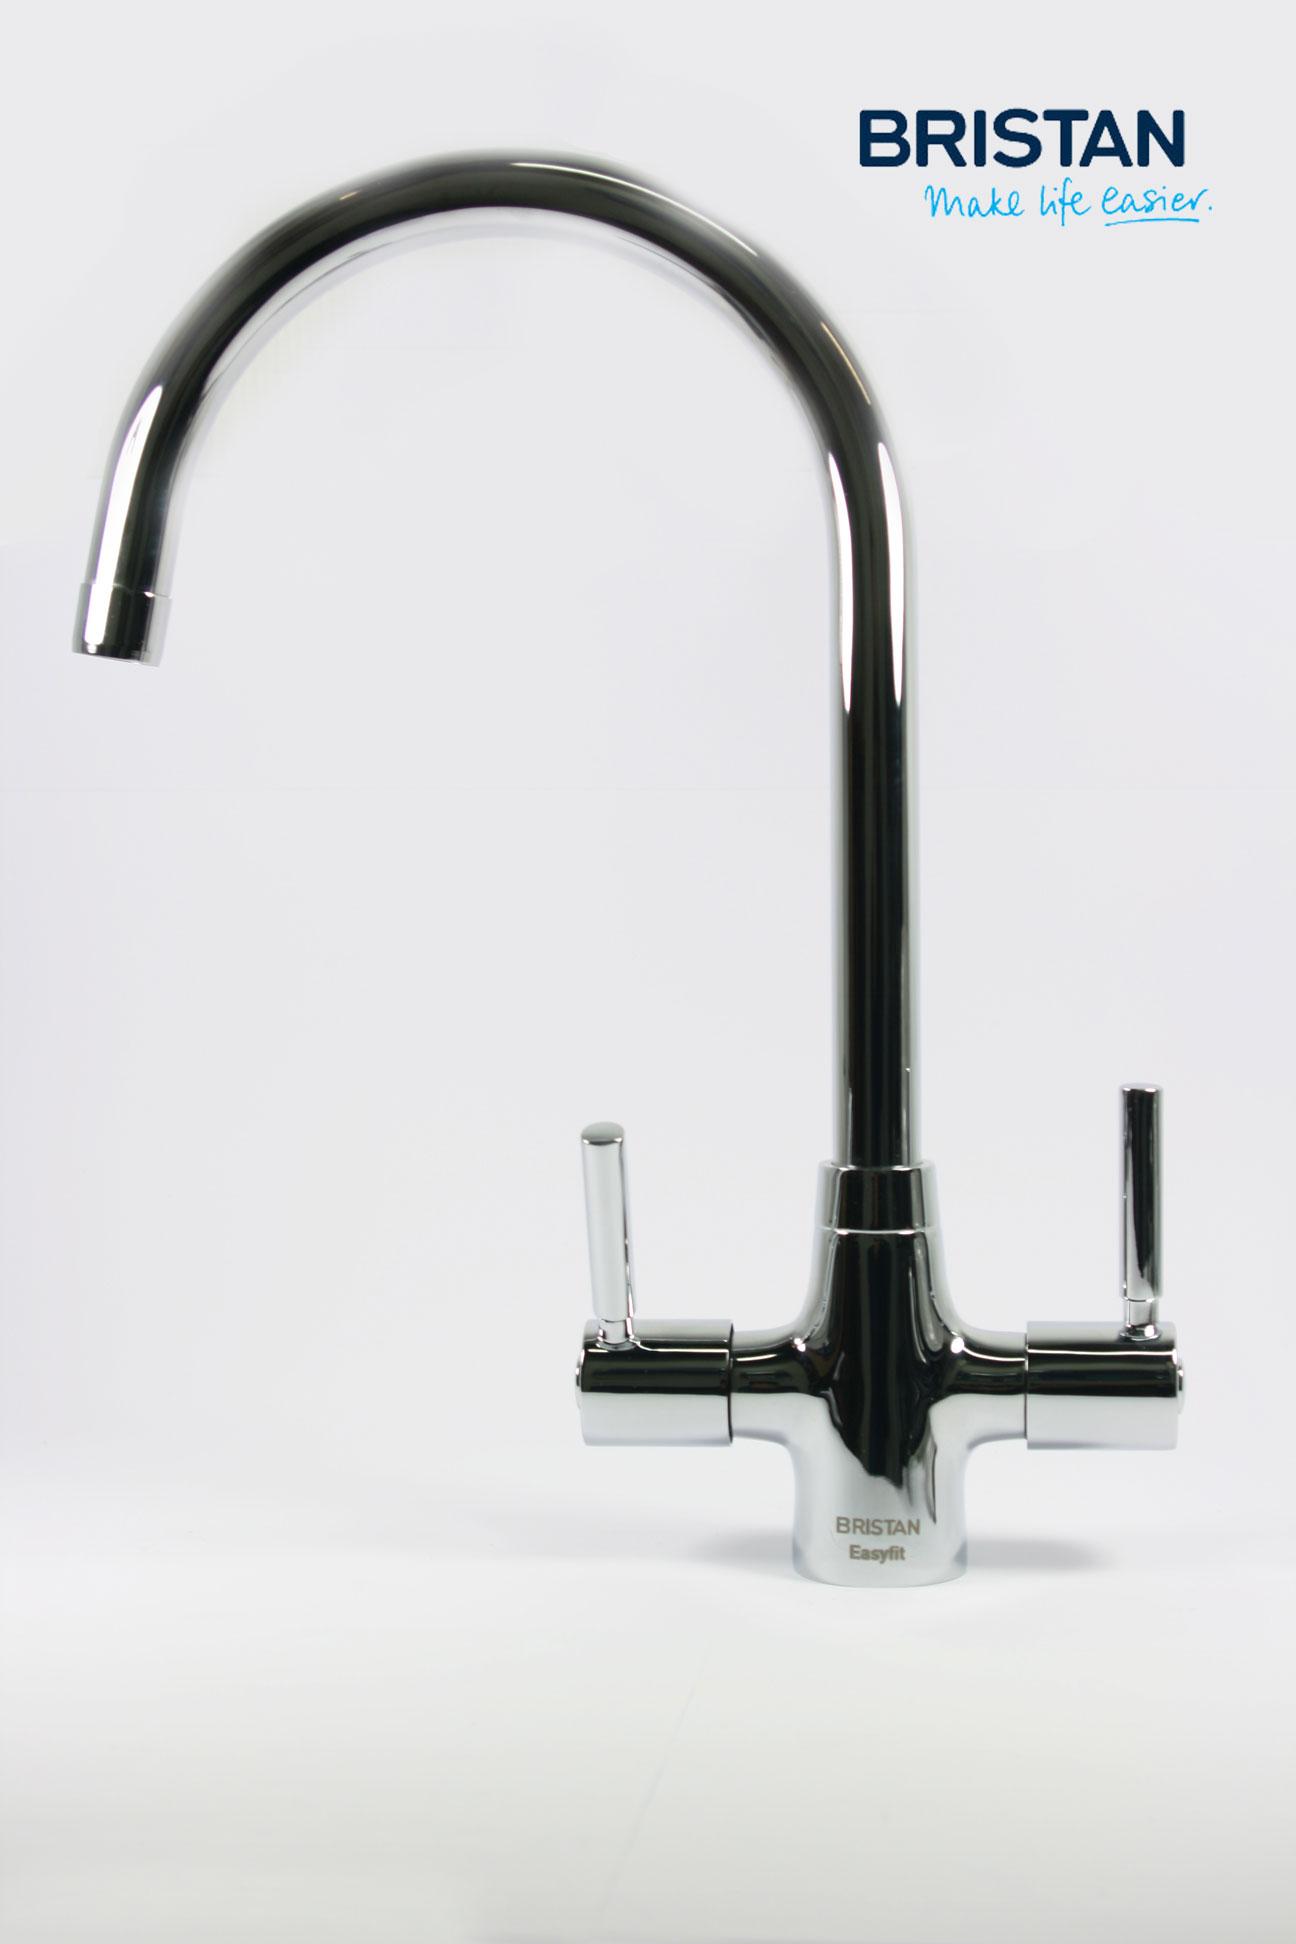 Monobloc Bath Shower Mixer Bristan Monza Kitchen Sink Monobloc Mixer Tap Easy Fit